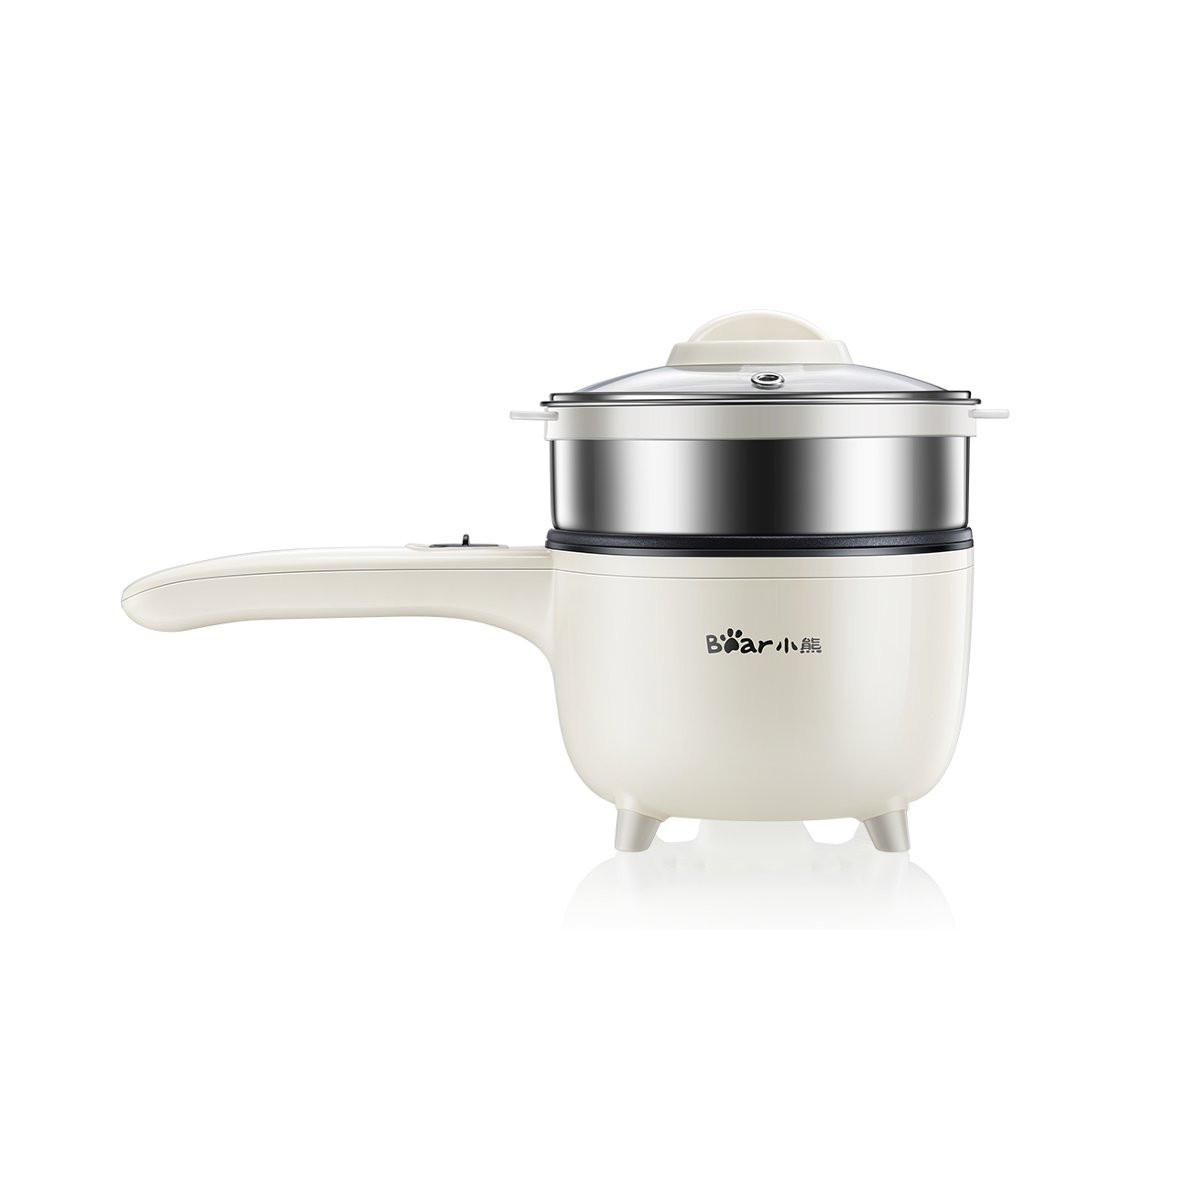 Bear DRG - C10B2 Мини-электрическая плита Многофункциональная домашняя студенческая сковорода